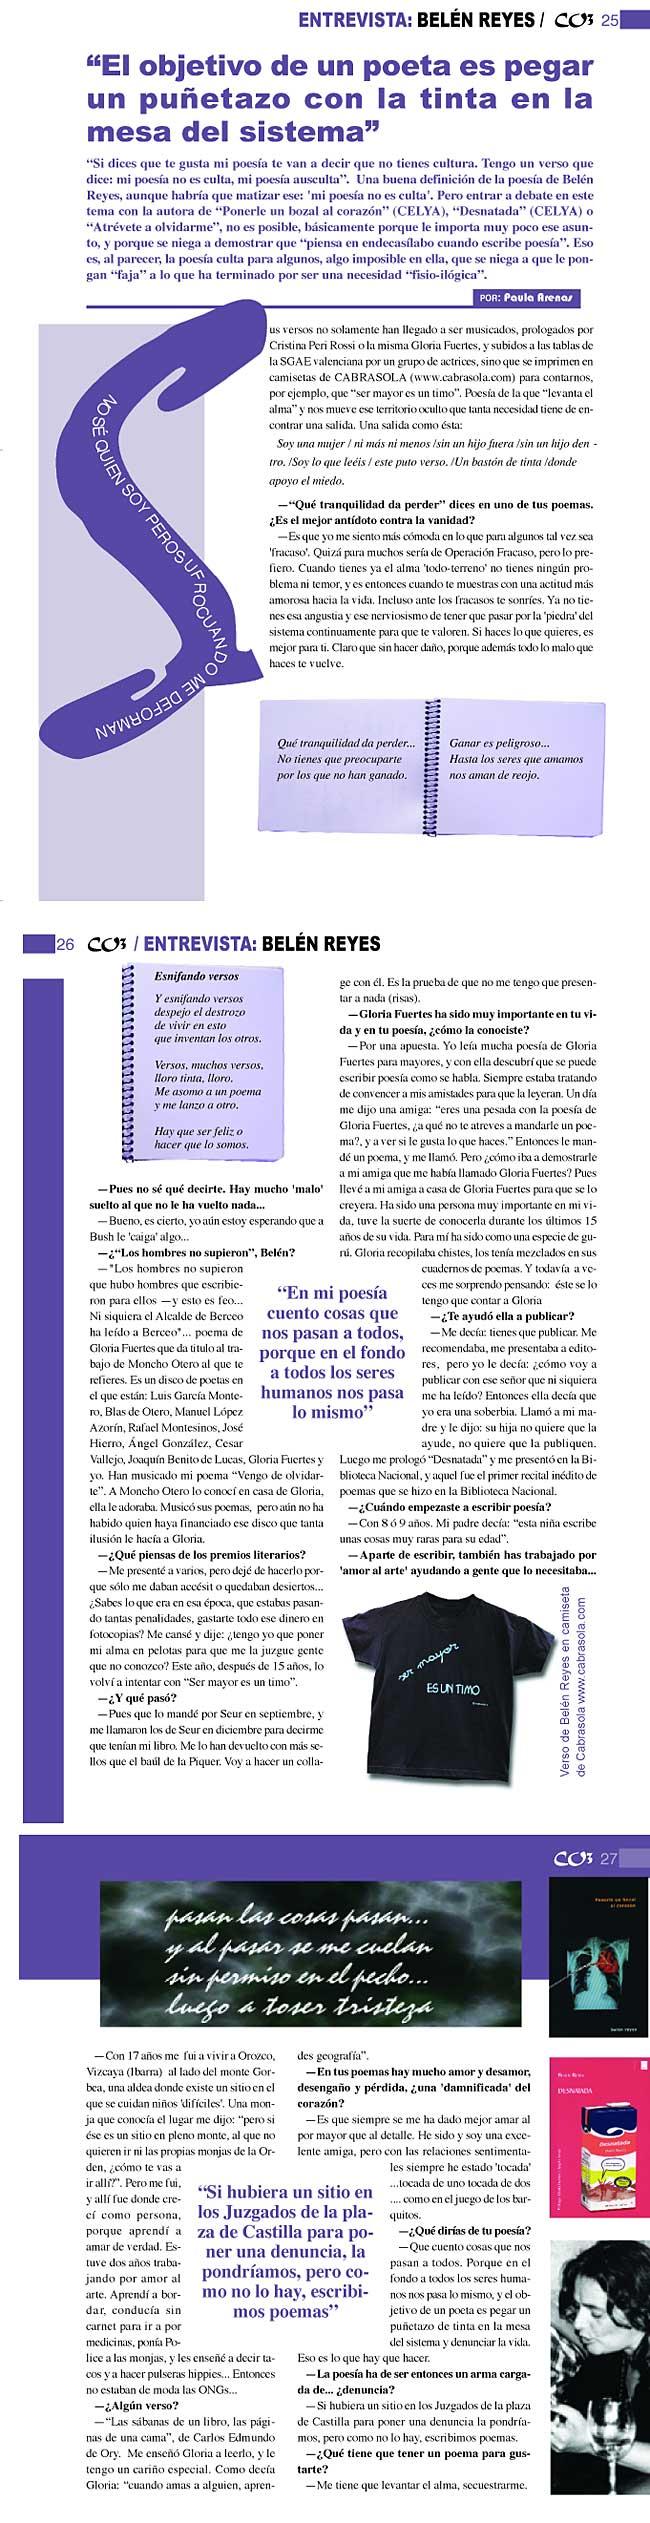 CO3 REVISTA: Belén Reyes, por Paula Arenas.